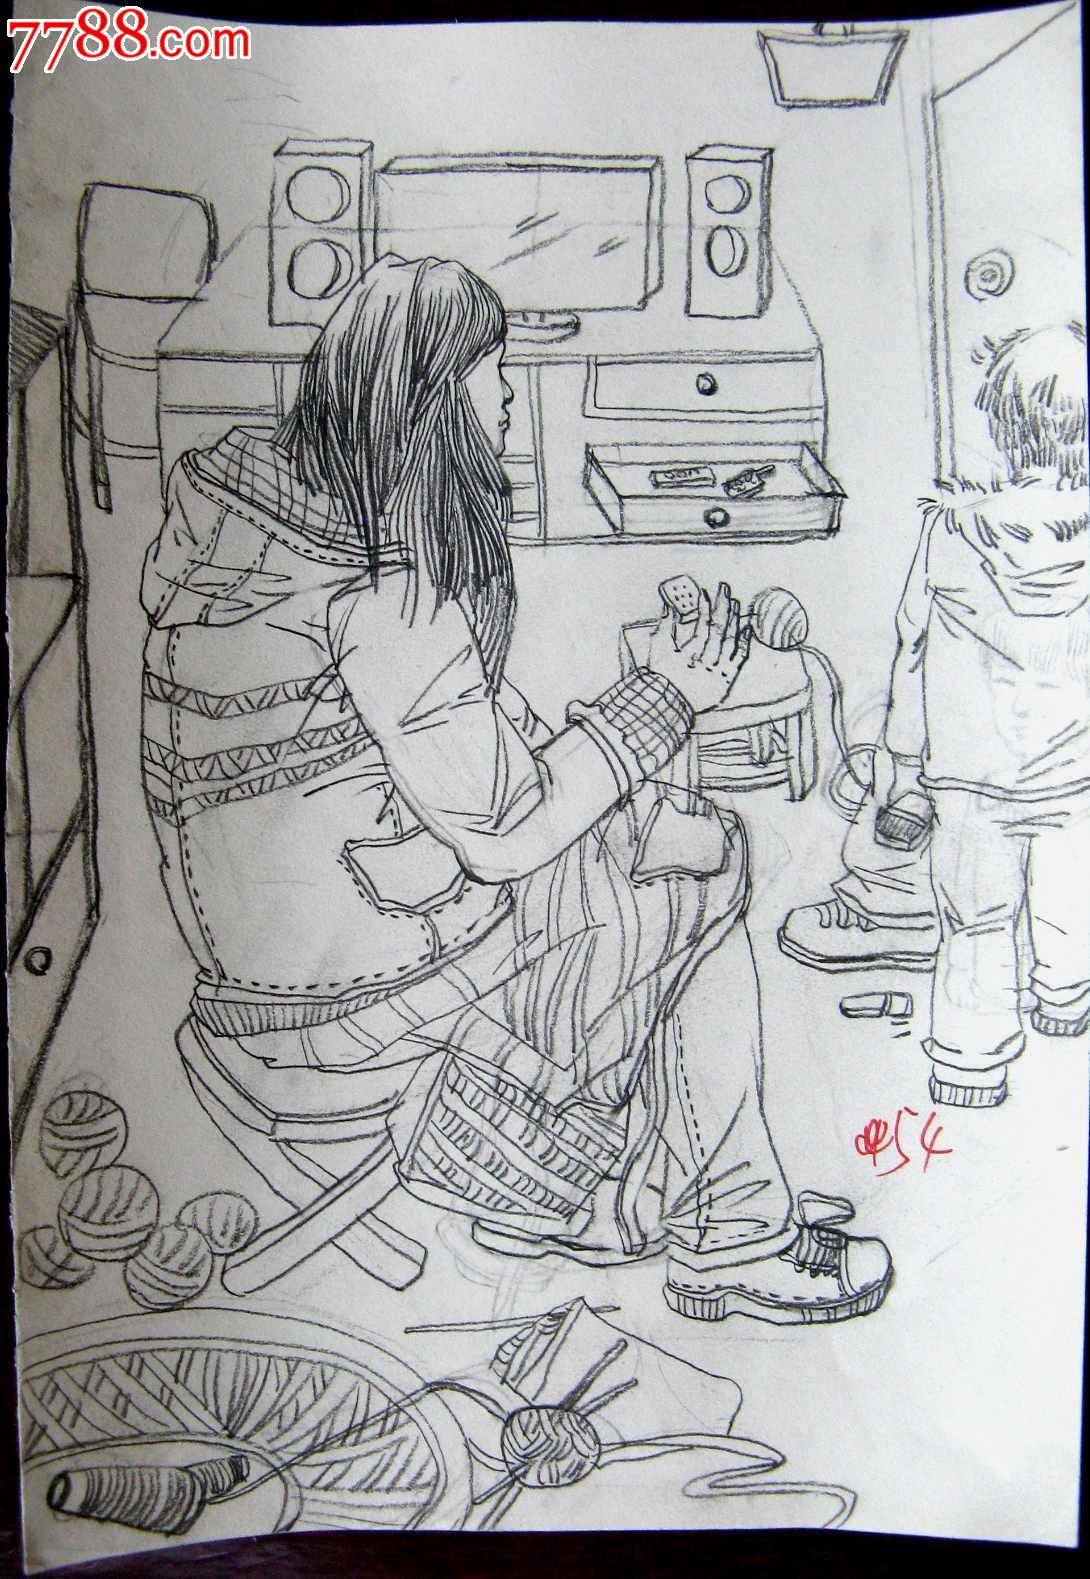 蒲公英素描铅笔画图片-铅笔素描人物画 母亲与孩子